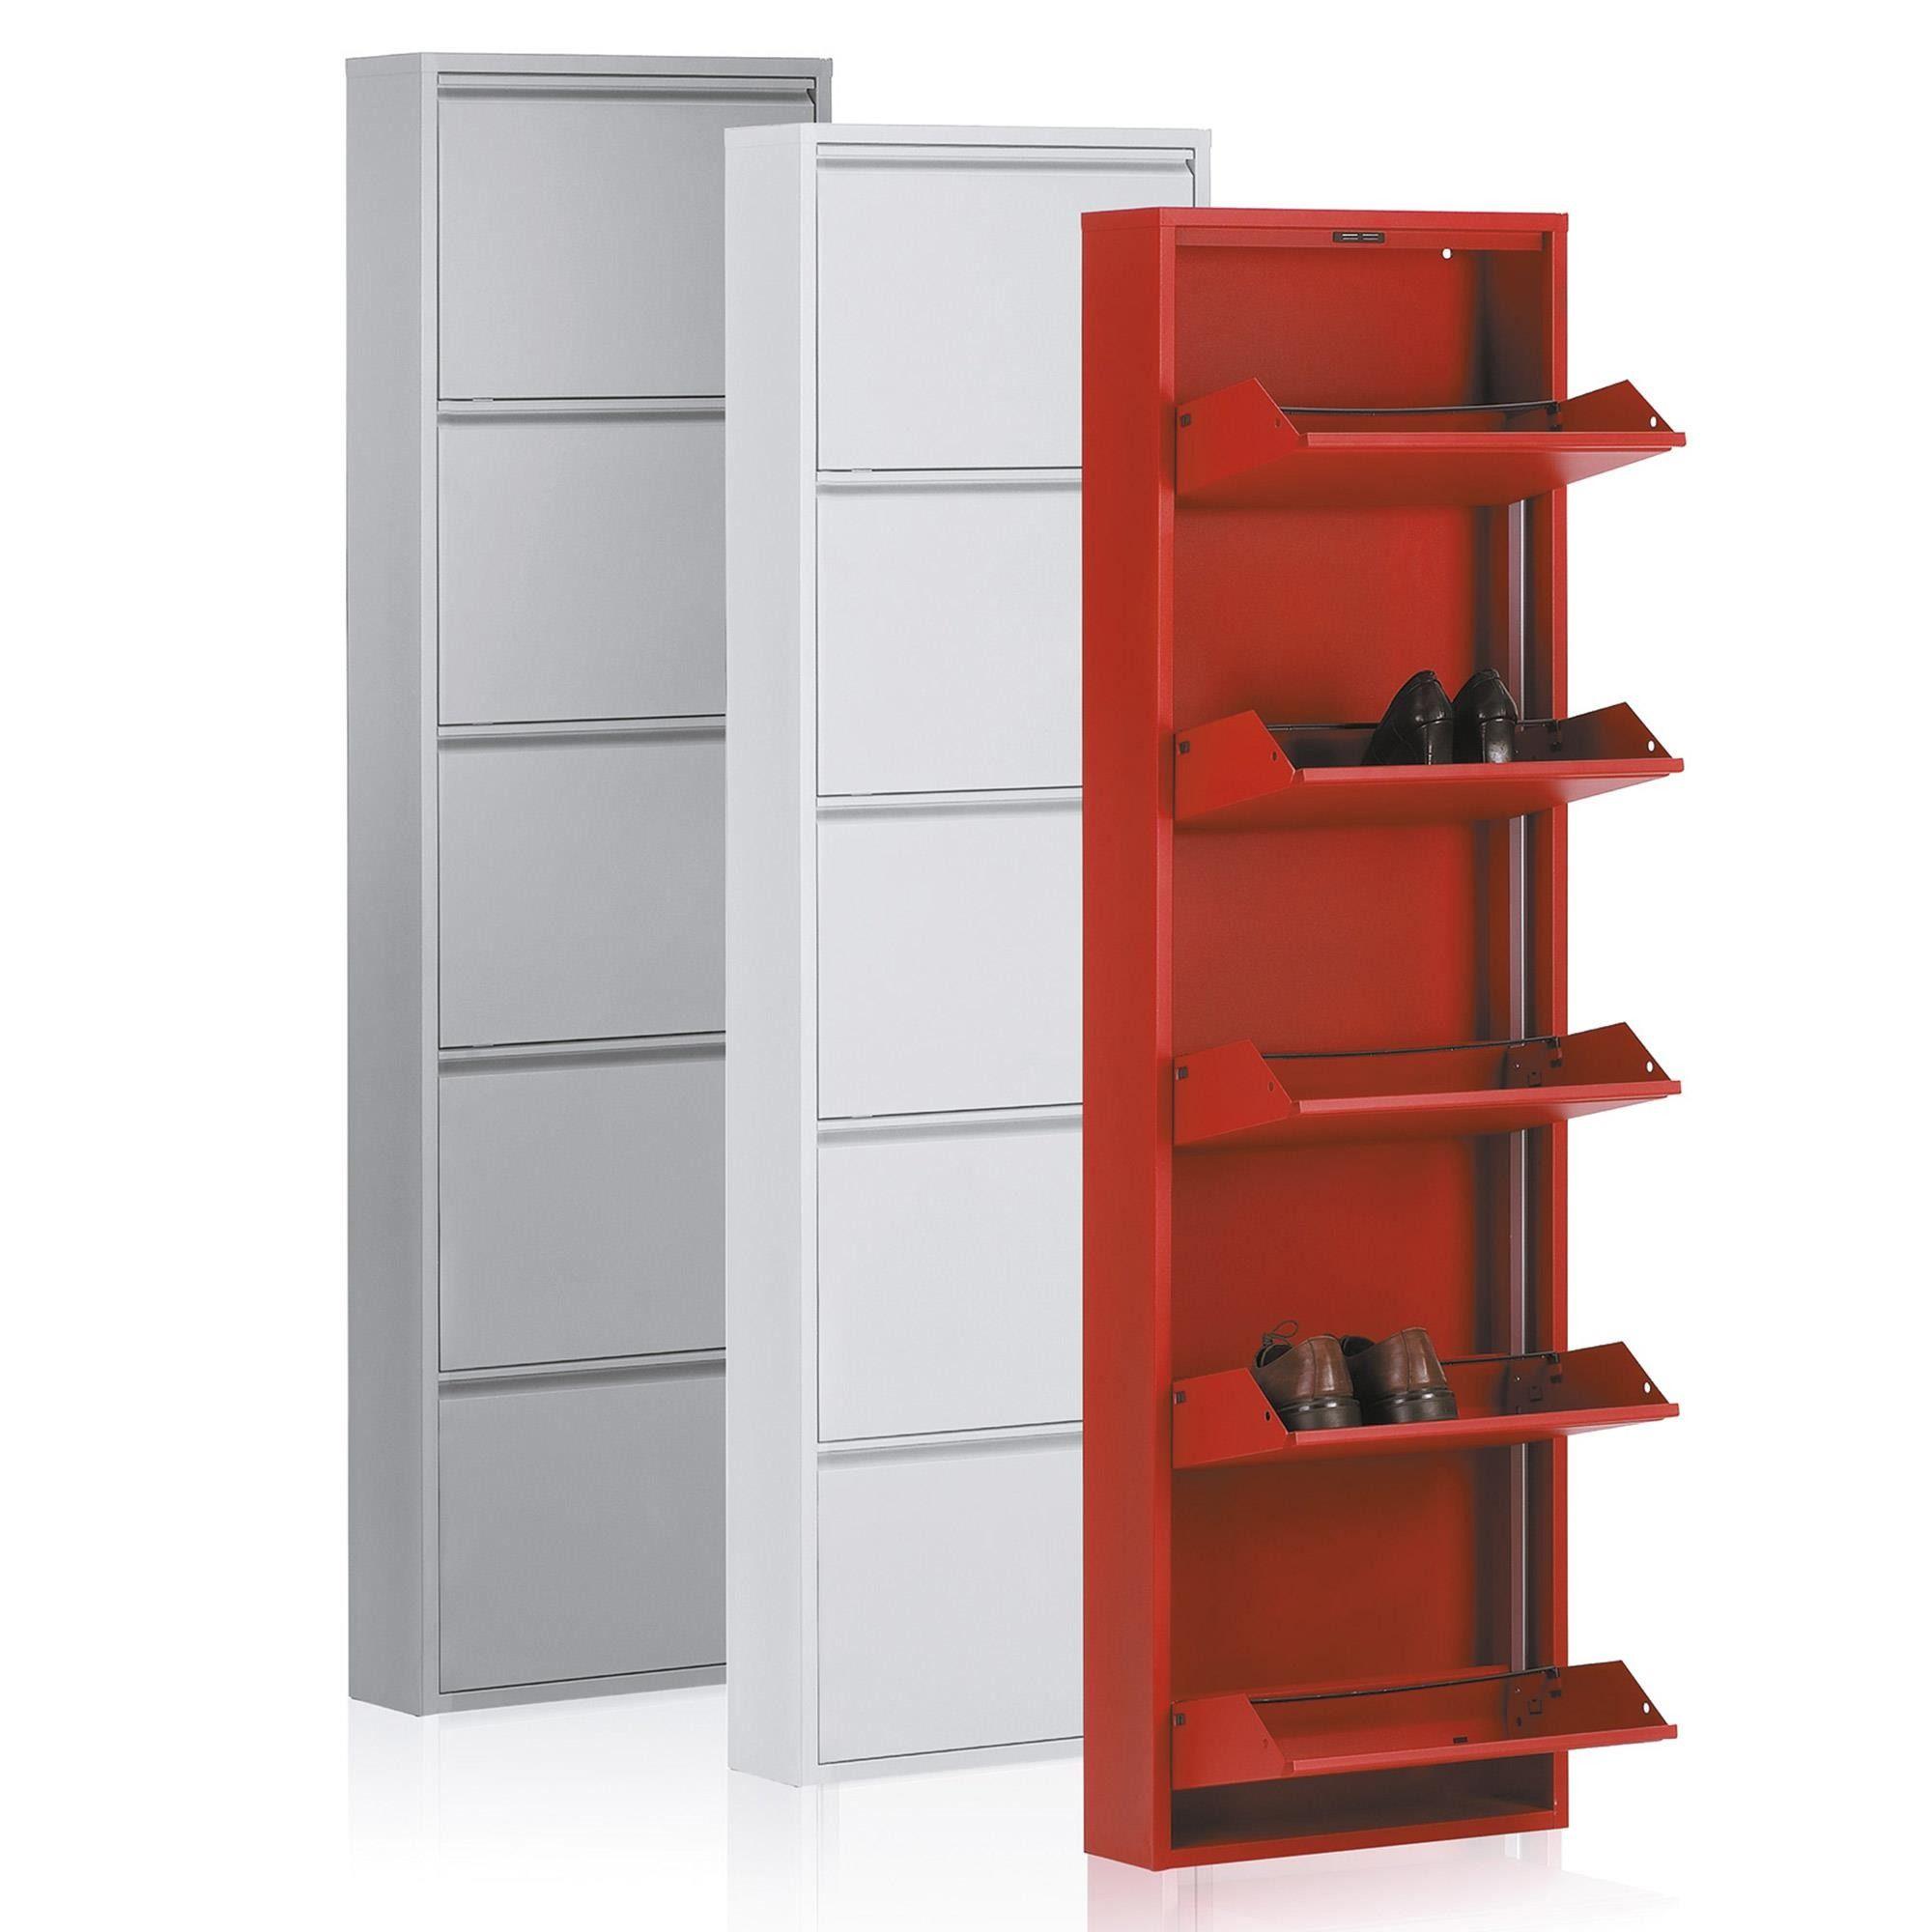 Szafka Na Buty Metalowa Biala Cargo 50x Kolor Bialy 770306bla Salon Meblowy Warszawa 9design Kave Home Home Tall Cabinet Storage